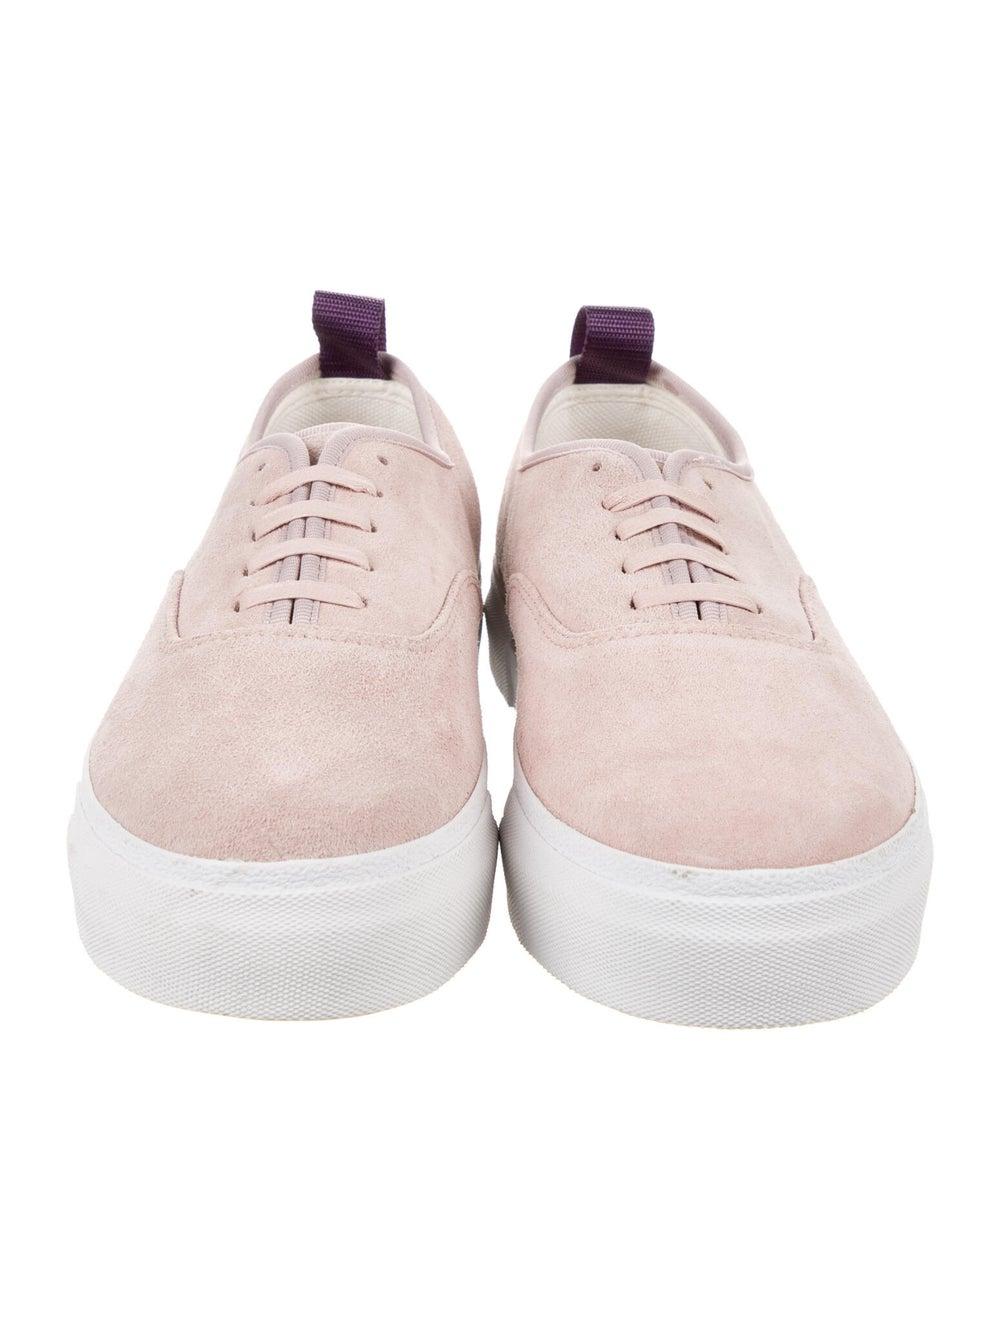 Eytys Suede Sneakers Pink - image 3